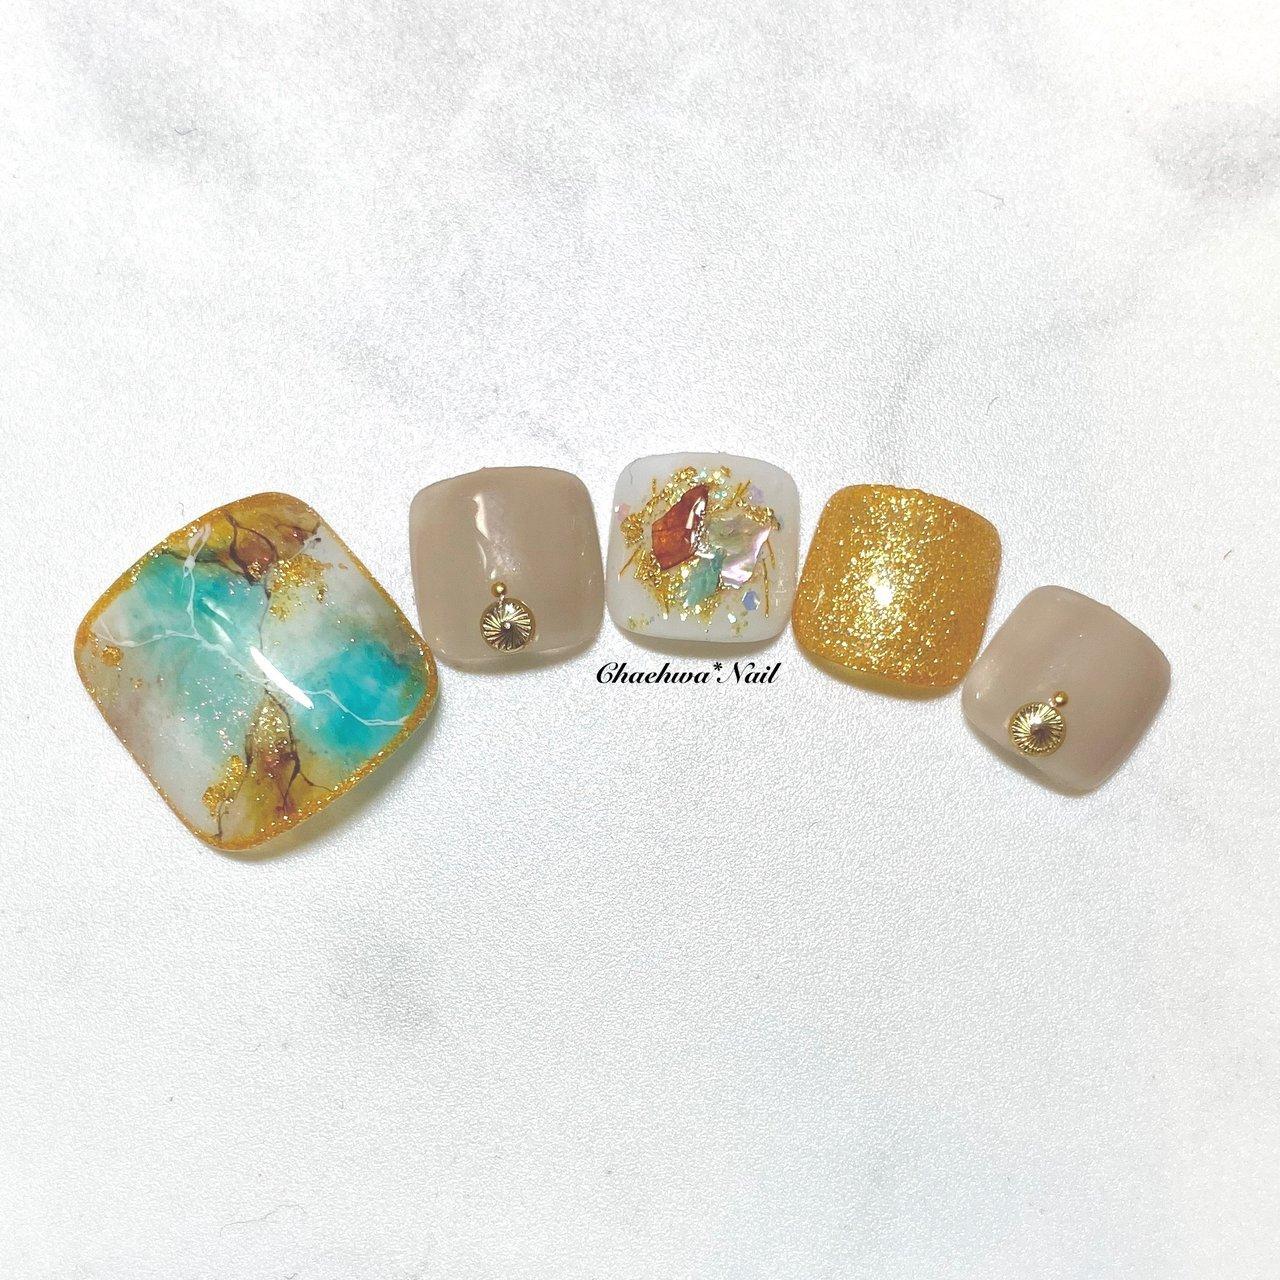 ターコイズ×大理石♡ . フットサンプル沢山作りました〜 少しずつUPして行きまーす♪ フットデザイン、、 ハンドにやっても かわいいデザインで作ってます〜(*´꒳`*)♪ . #nails #naildesign #nailart #color #painting #footnail #summer #art #marble #chaehwanail #ネイル#ネイルデザイン #大理石ネイル #天然石 #シースルー #手書き #フットネイル #ターコイズ #カラー #ジェルネイル #川崎ネイルサロン #川崎 #グレージュ #네일#네일아트#네일스타그램 #젤네일 #여름 #발스타그램 #美甲 . . . ご予約は↓からお願いします! *ネイルブックネット予約(プロフィールのURLから予約可能!) . お問い合わせは↓からお願いします! *LINE@ : @chaehwa_nail(@から検索) *Instagram DM : @chaehwa_nail . ご連絡お待ちしております(*´꒳`*)♪ Chaehwa*Nail #夏 #旅行 #海 #リゾート #フット #ラメ #シェル #シースルー #タイダイ #大理石 #ミディアム #ターコイズ #ブラウン #グレージュ #ジェル #ネイルチップ #chaehwa_8127 #ネイルブック